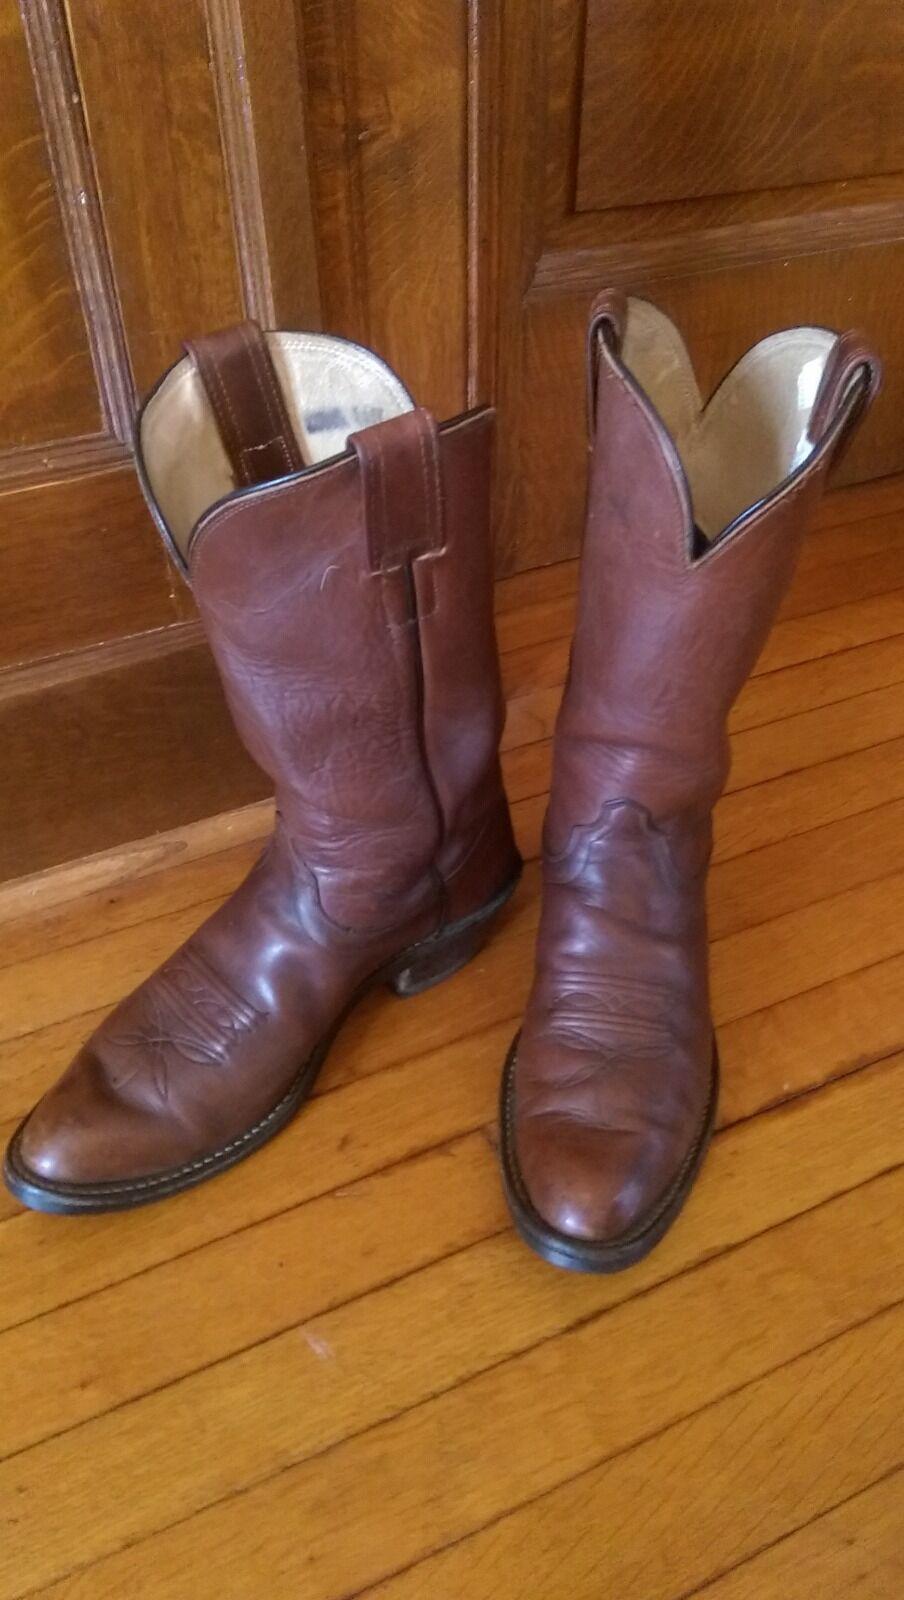 OLATHE braun leather Western Cowboy Cowboy Cowboy Stiefel 9.5 B 2dcd24